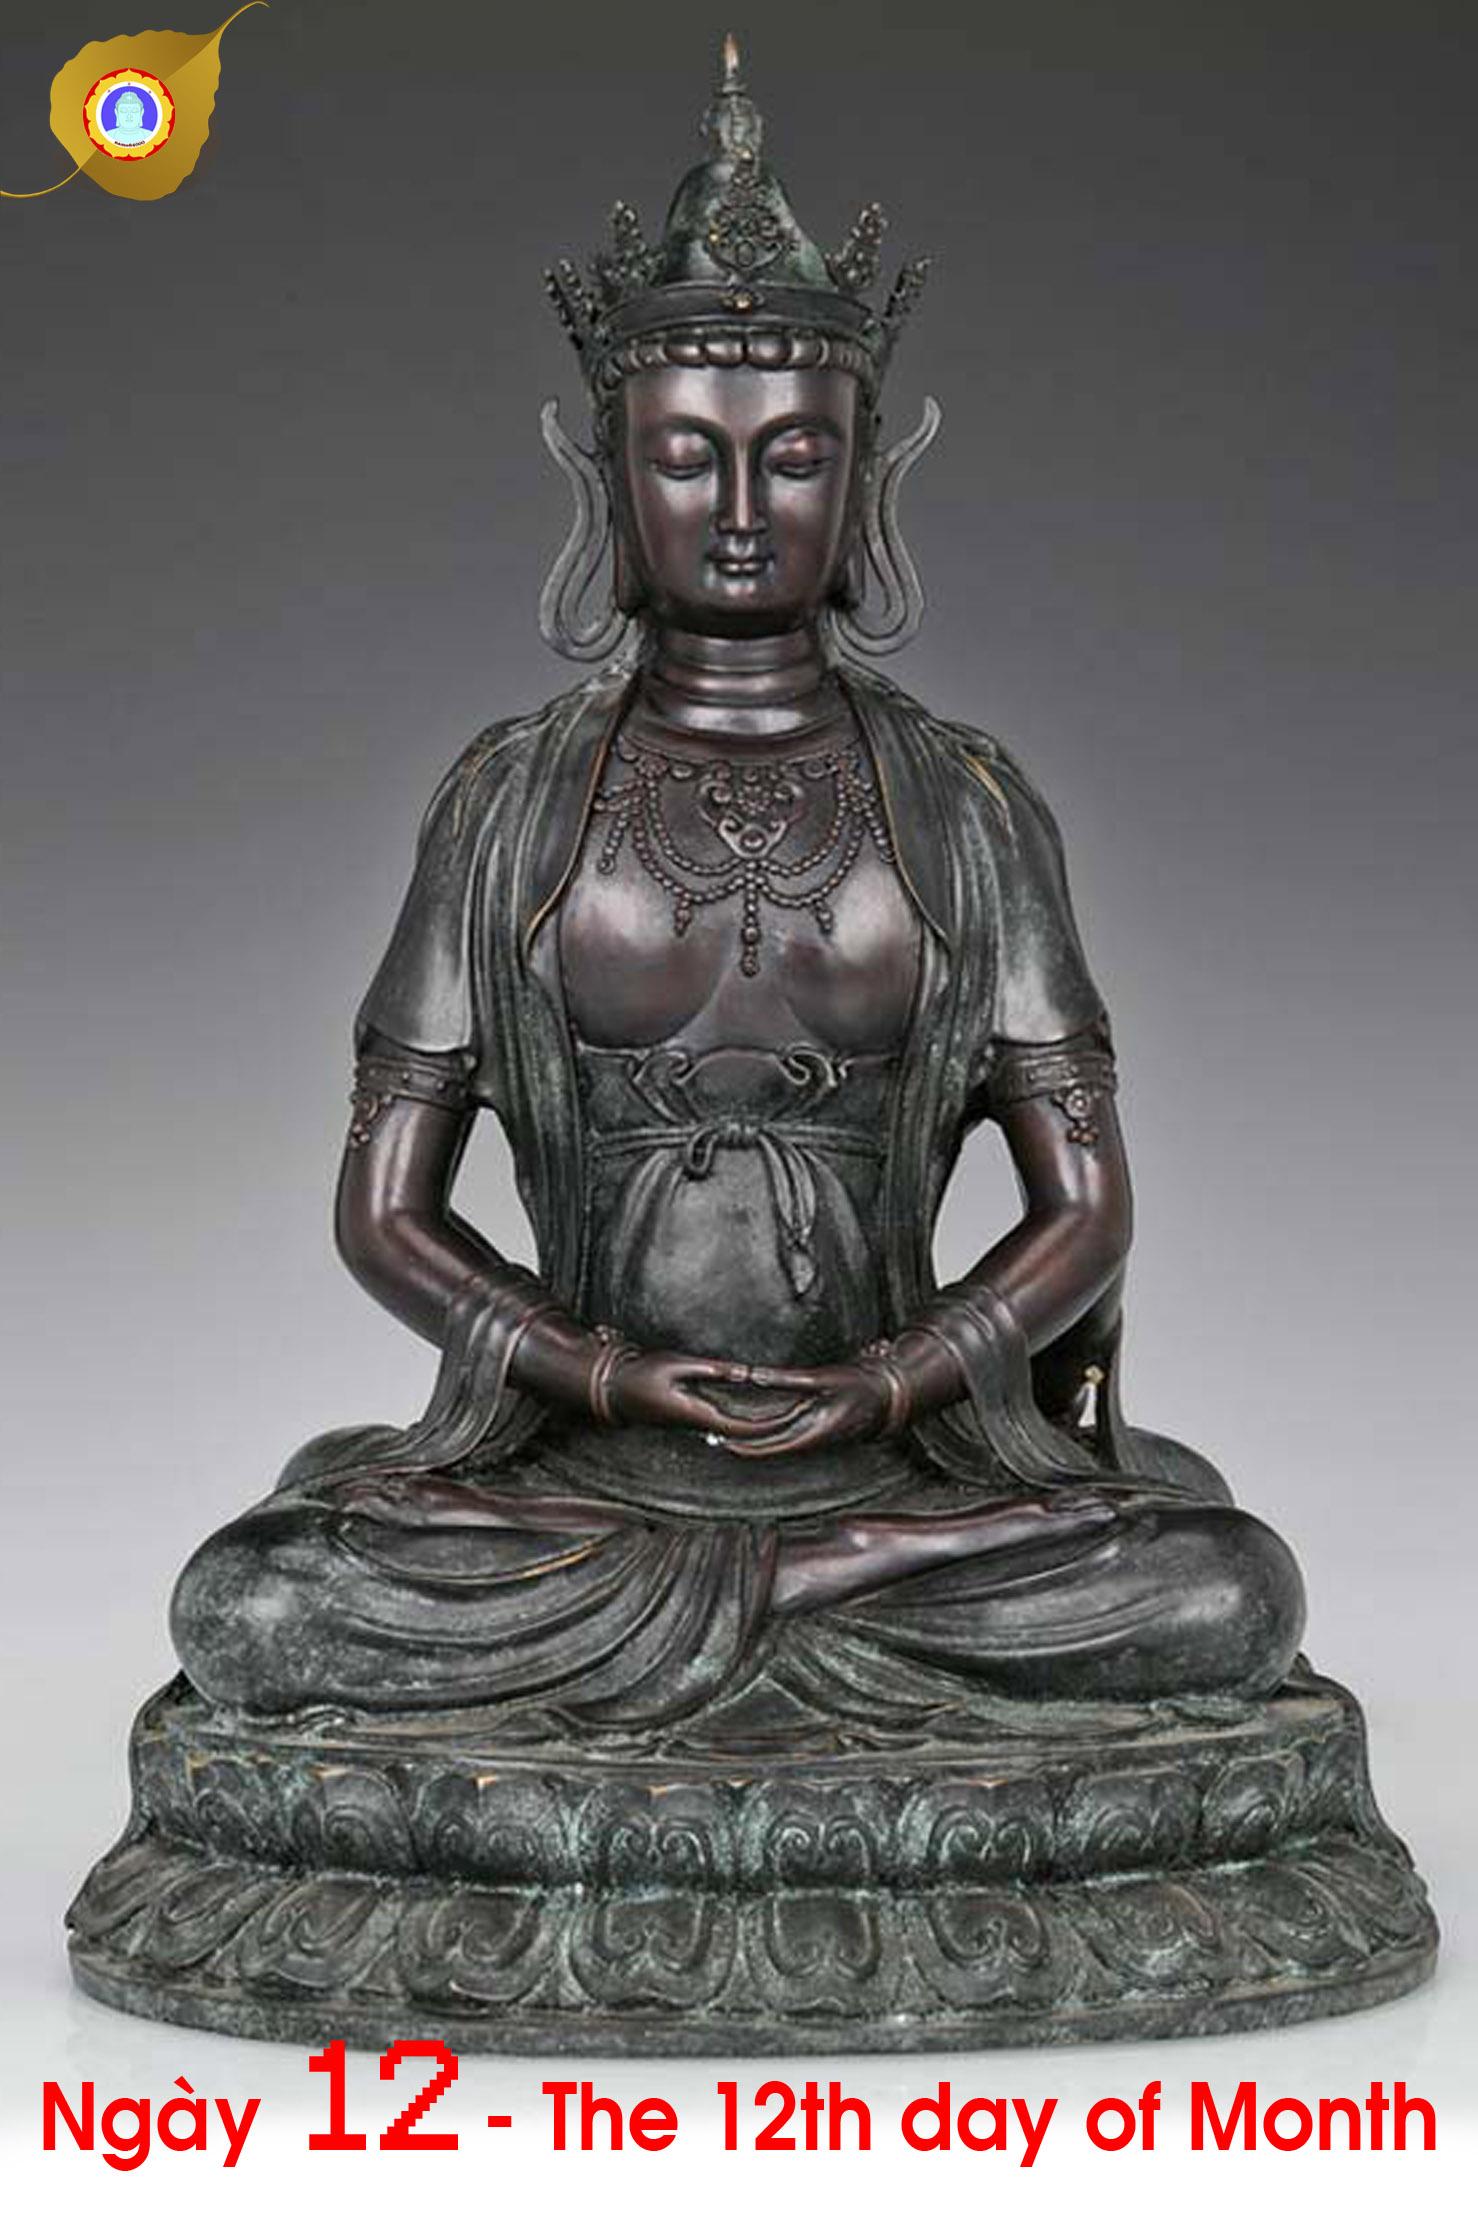 Duyên nhật ngày 12: Nan Thắng Phật – Unconquerable Buddha